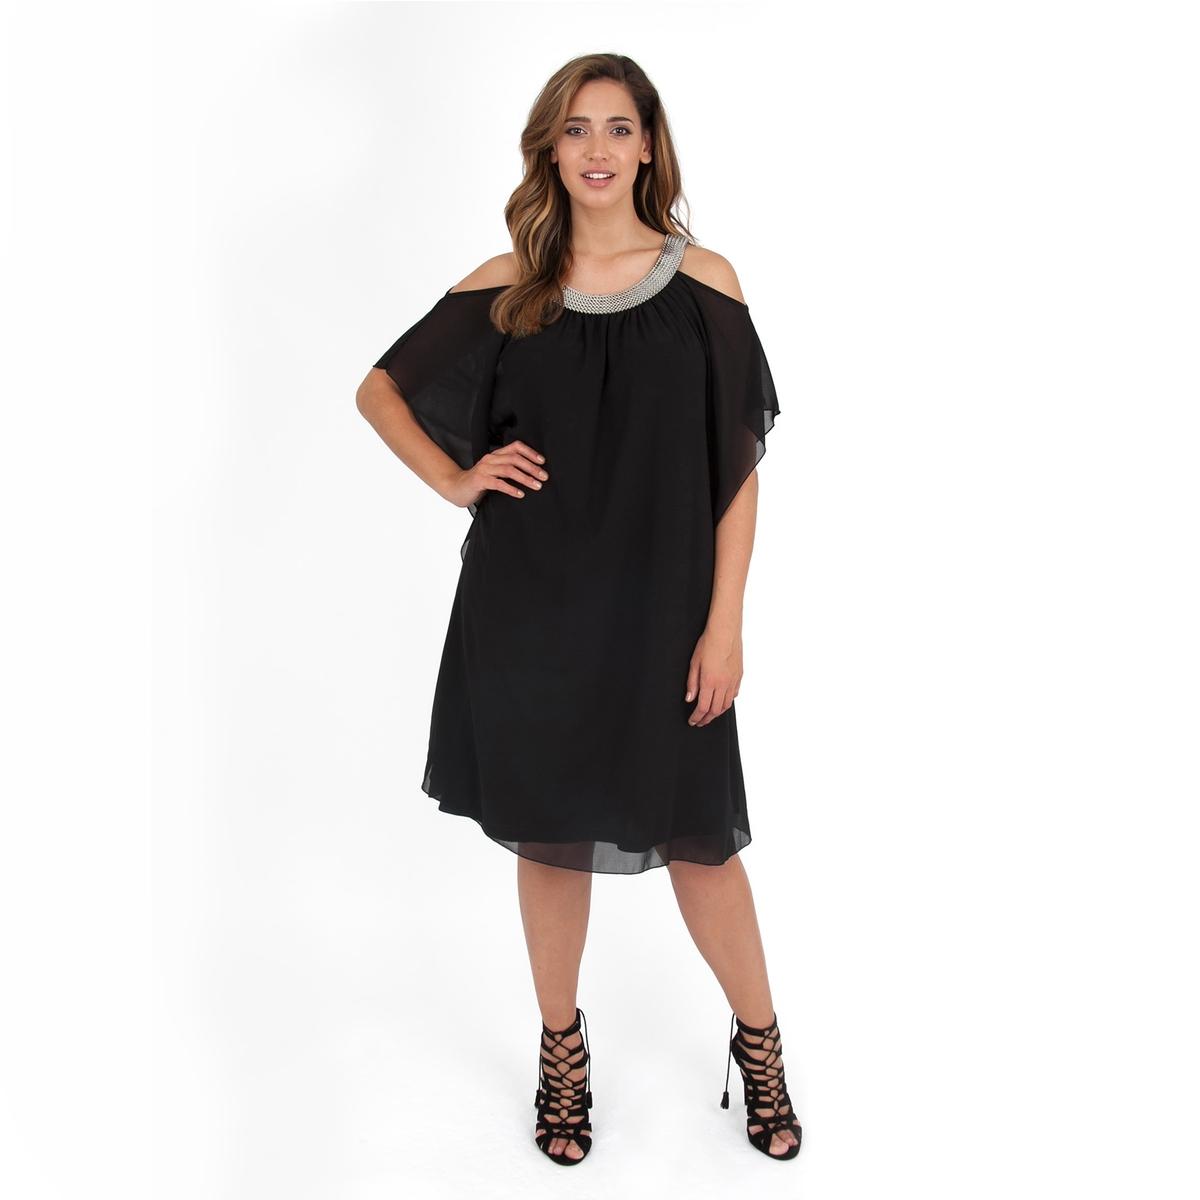 ПлатьеПлатье - KOKO BY KOKO. Красивая отделка выреза бусинами. Длина ок.104 см. 100% полиэстера.<br><br>Цвет: черный